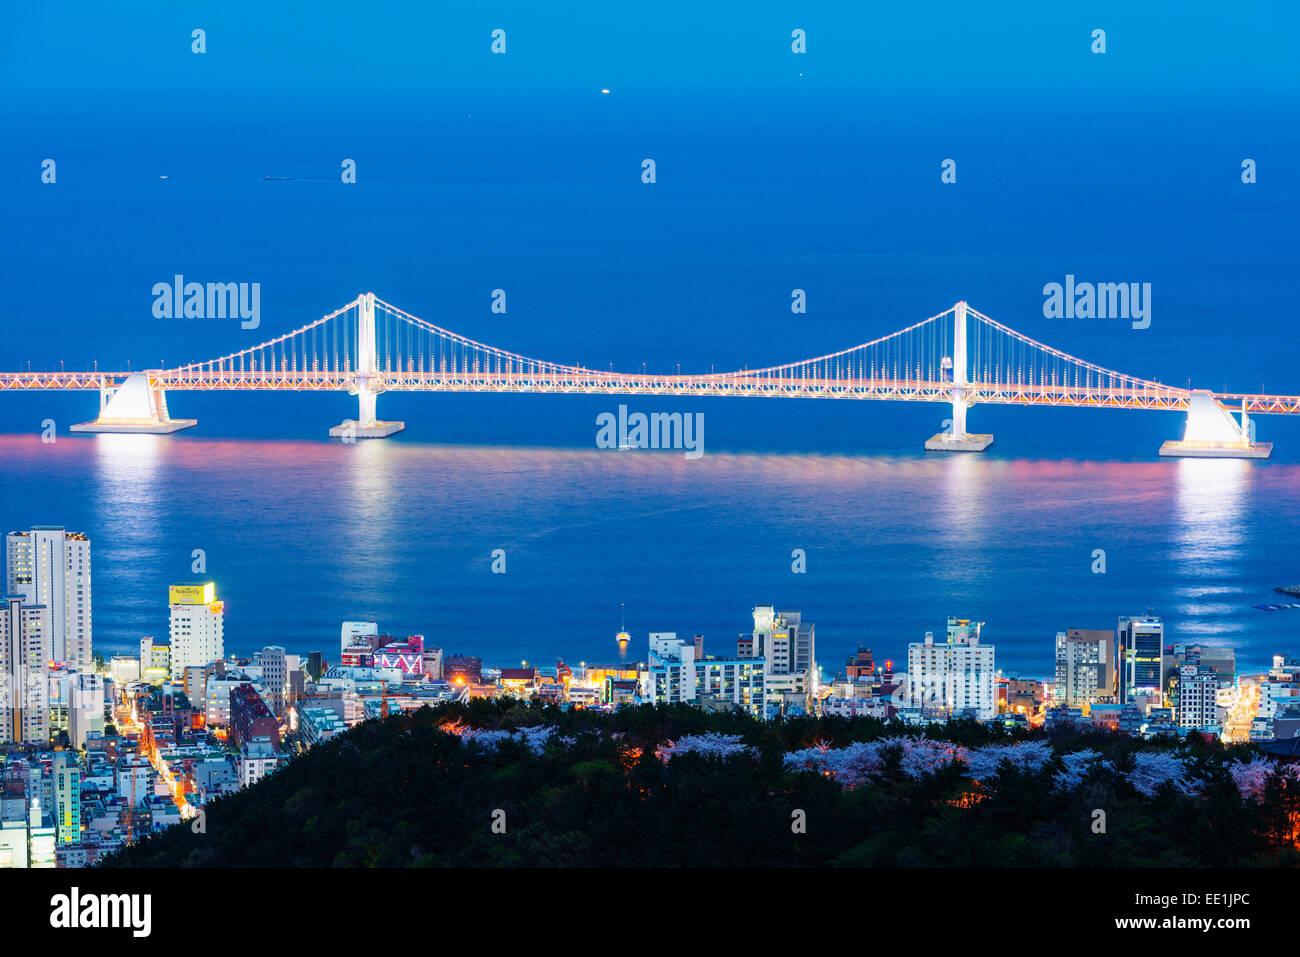 El horizonte de la ciudad y el puente Gwangang, Busan, Corea del Sur, Asia Imagen De Stock